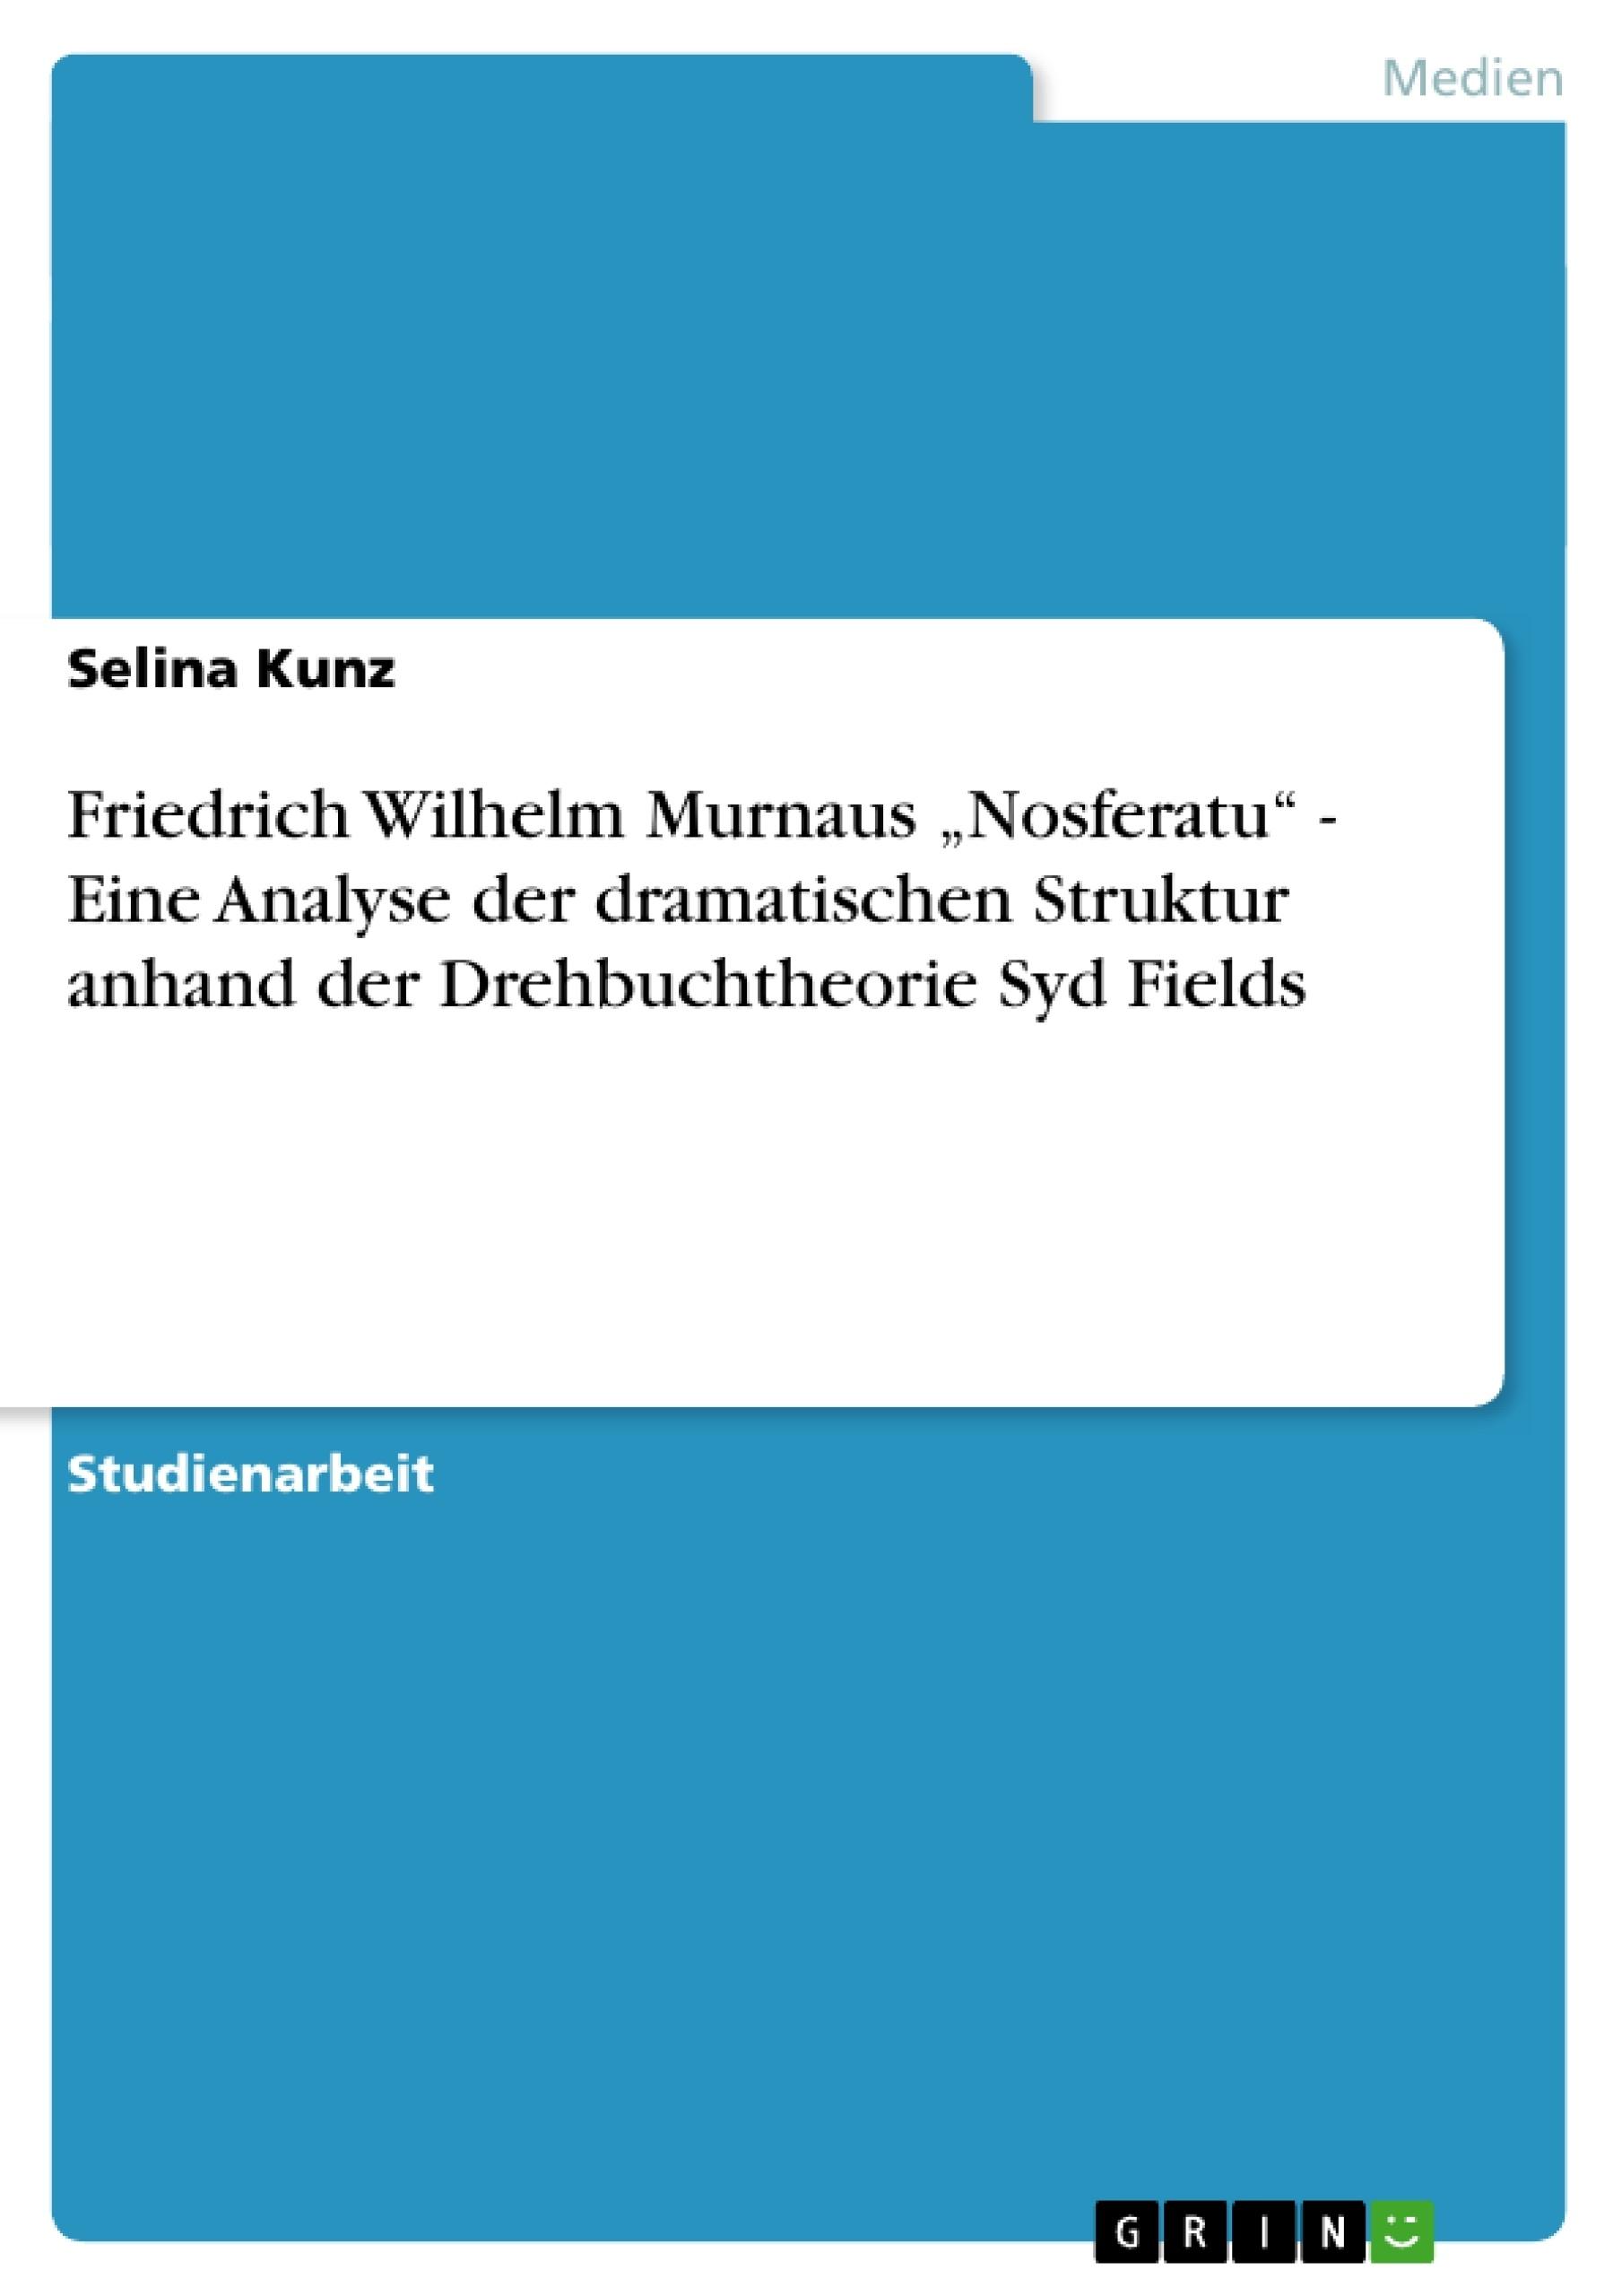 """Titel: Friedrich Wilhelm Murnaus """"Nosferatu"""" - Eine Analyse der dramatischen Struktur anhand der Drehbuchtheorie Syd Fields"""